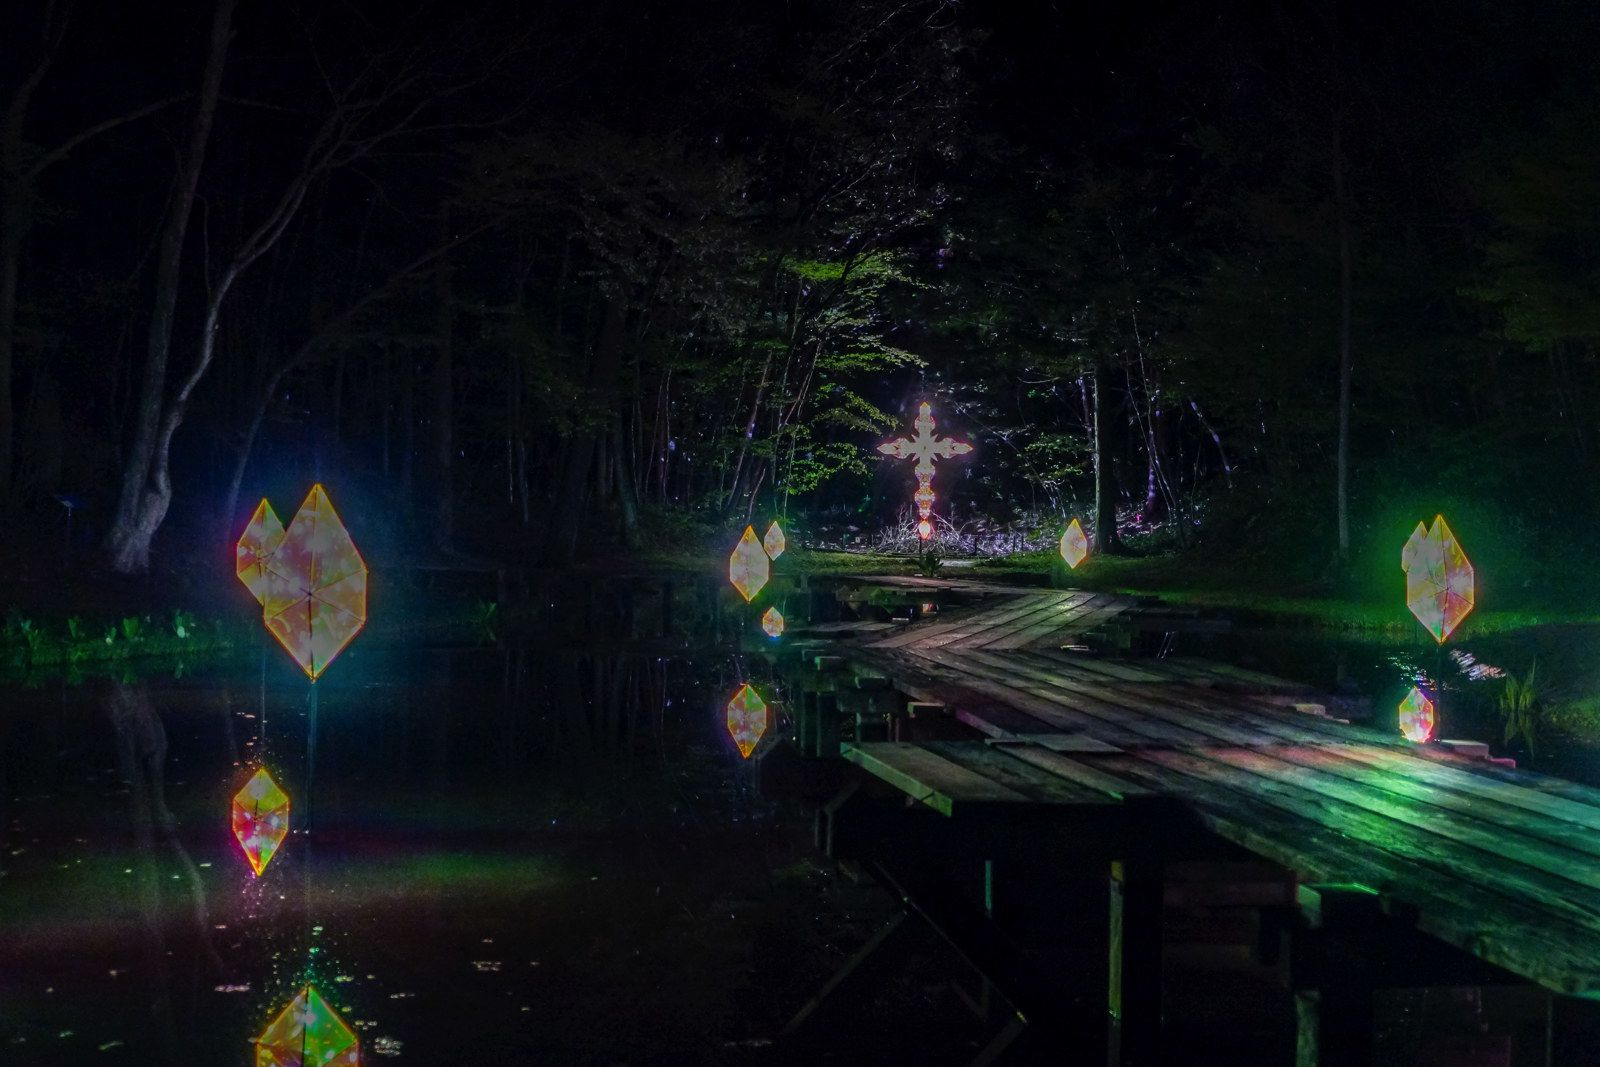 宮沢賢治の世界を光で再現。「童話村の森ライトアップ」が素晴らしい | 世界、村、銀河